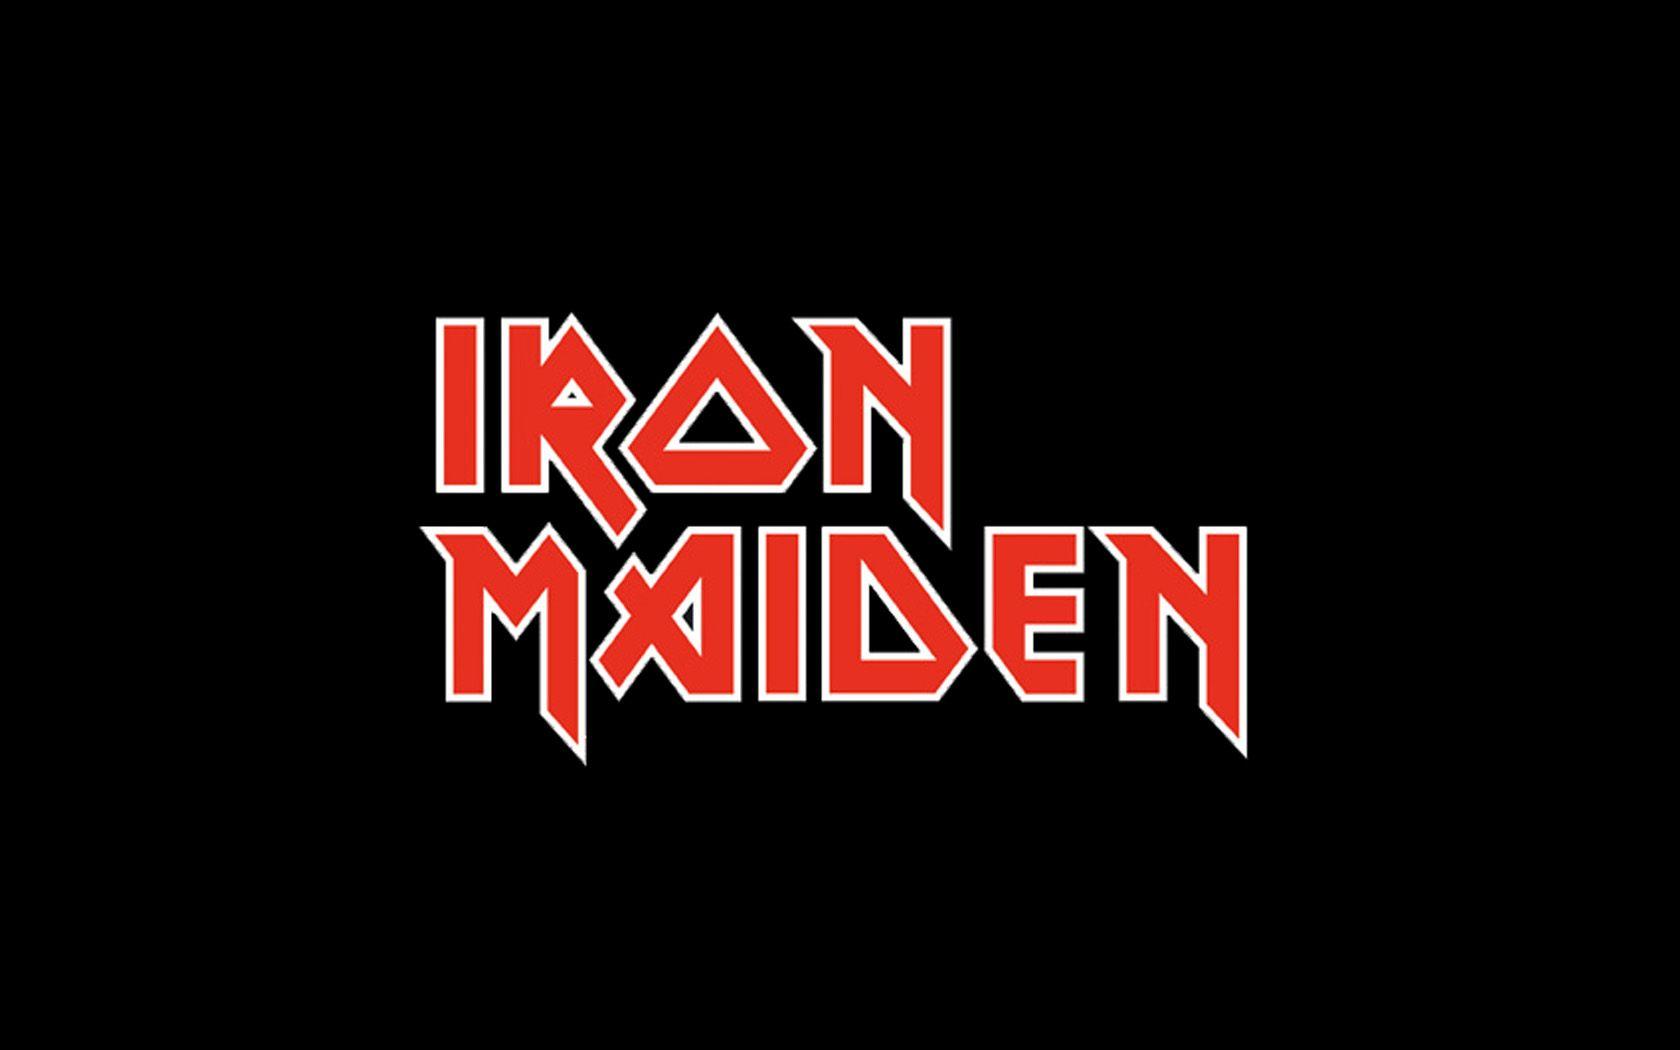 iron maiden logo metal band logos pinterest logos